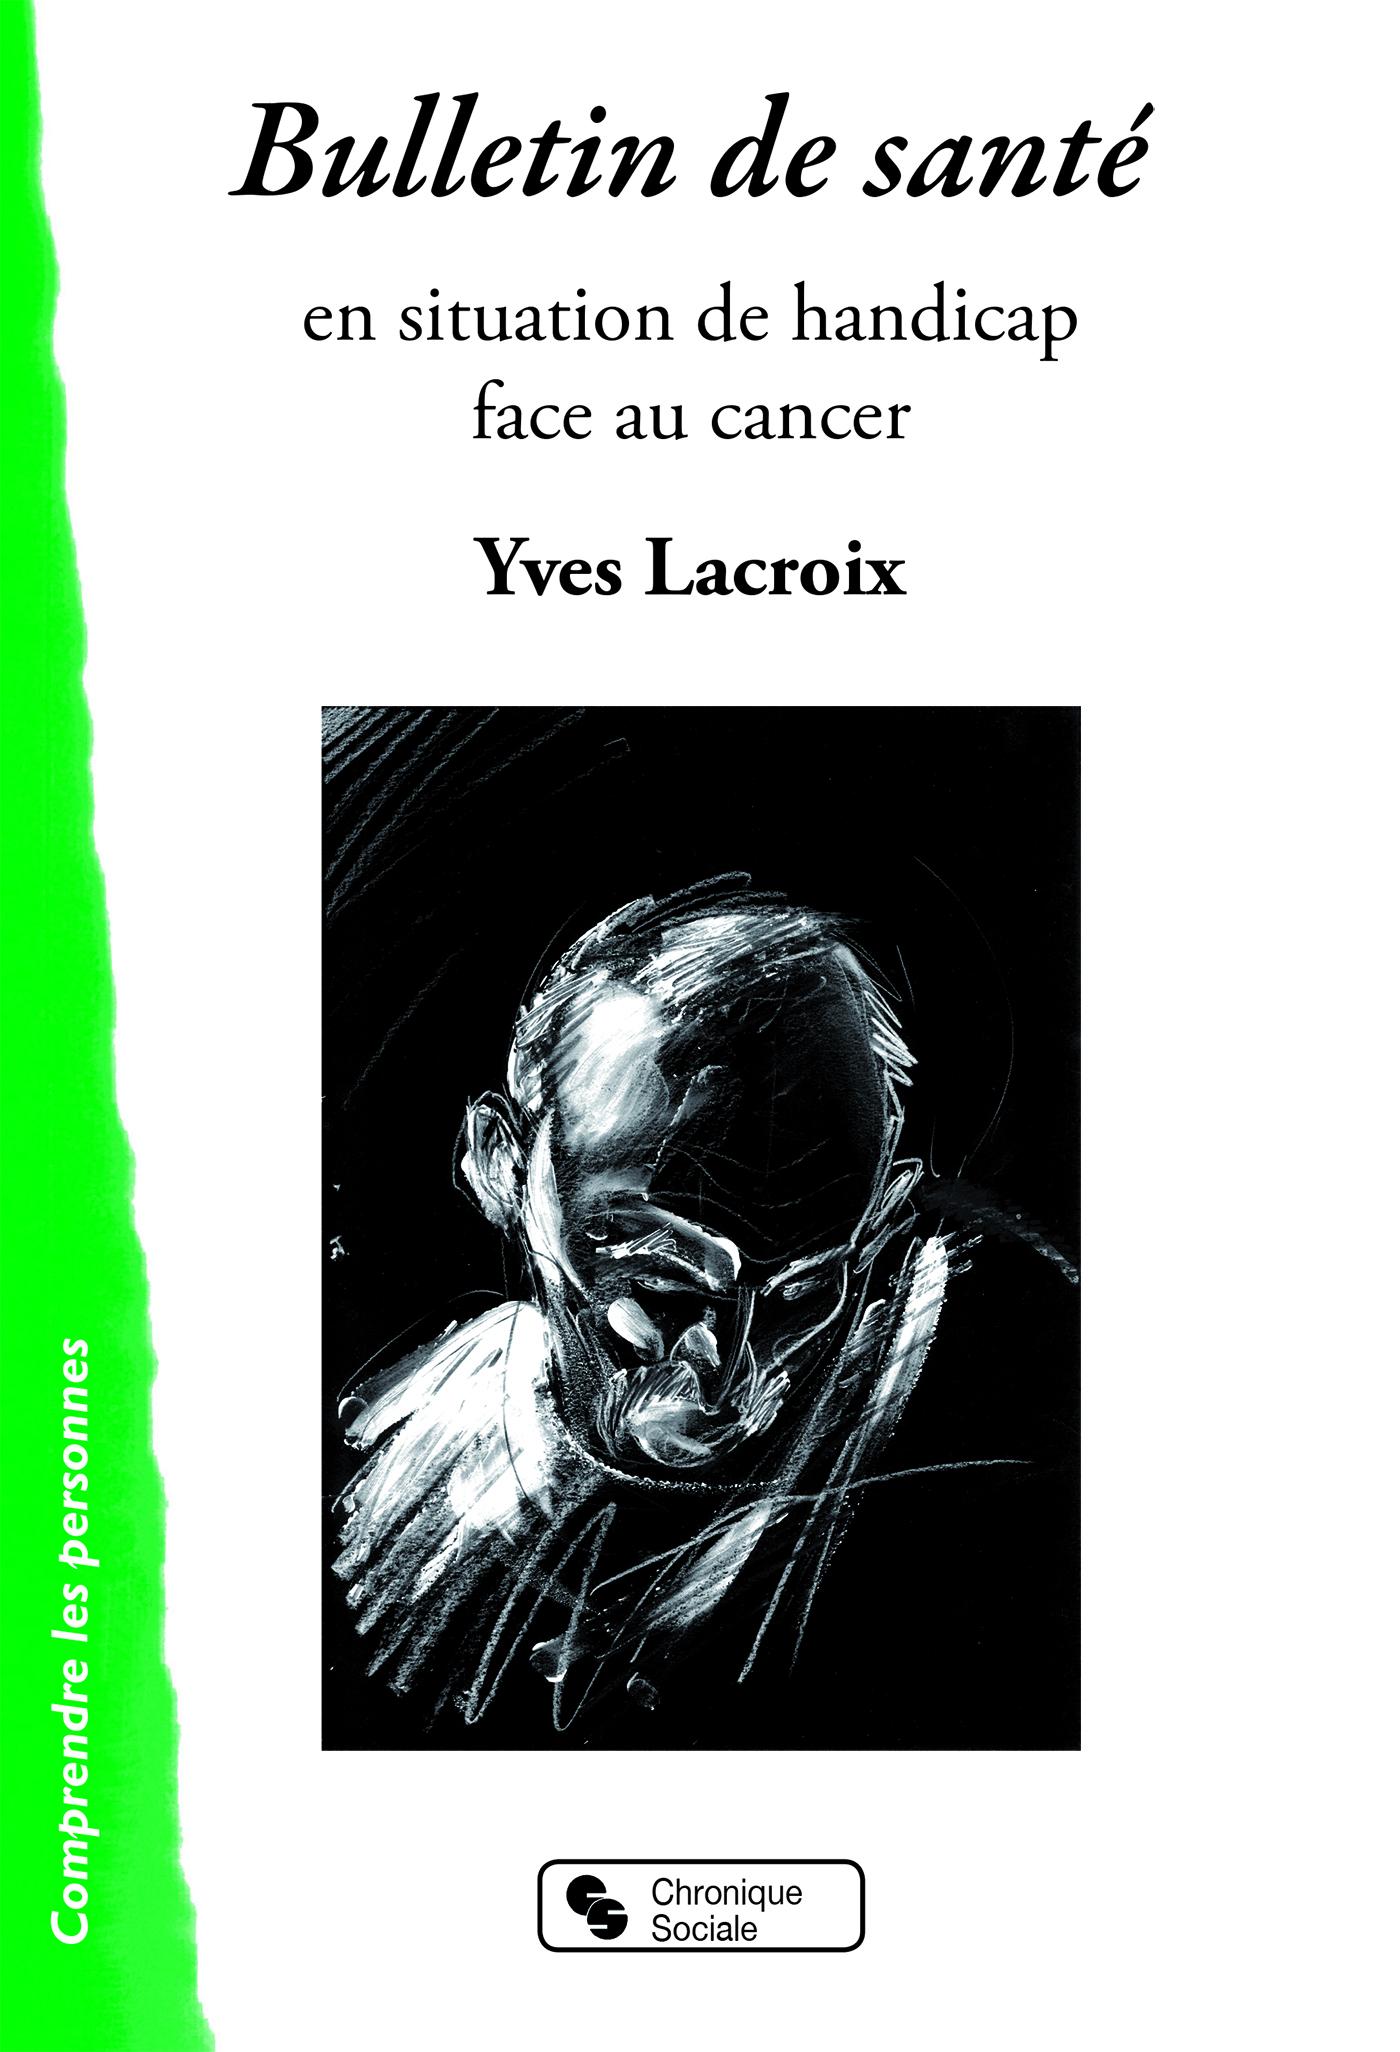 BULLETIN DE SANTE - EN SITUATION DE HANDICAP FACE AU CANCER